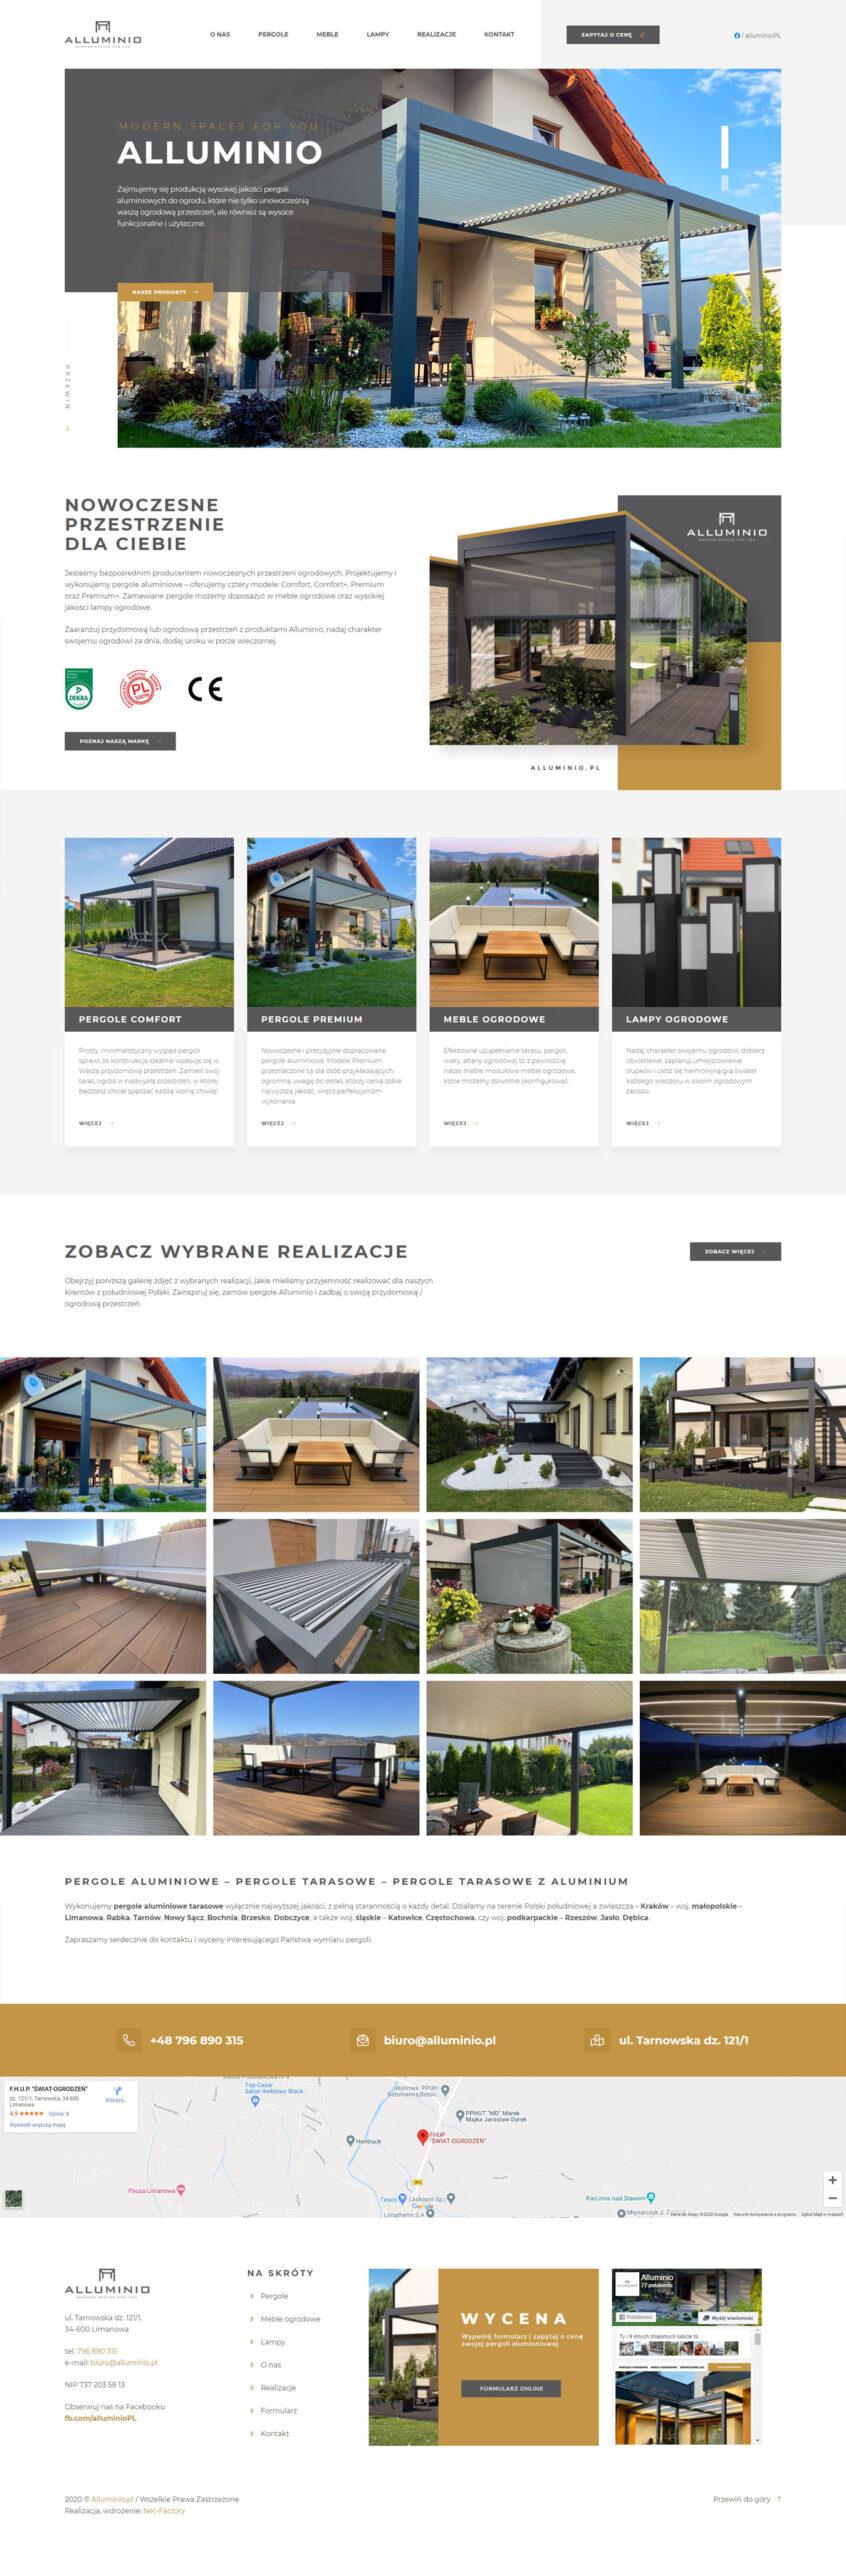 Witryna internetowa dla marki Alluminio.pl